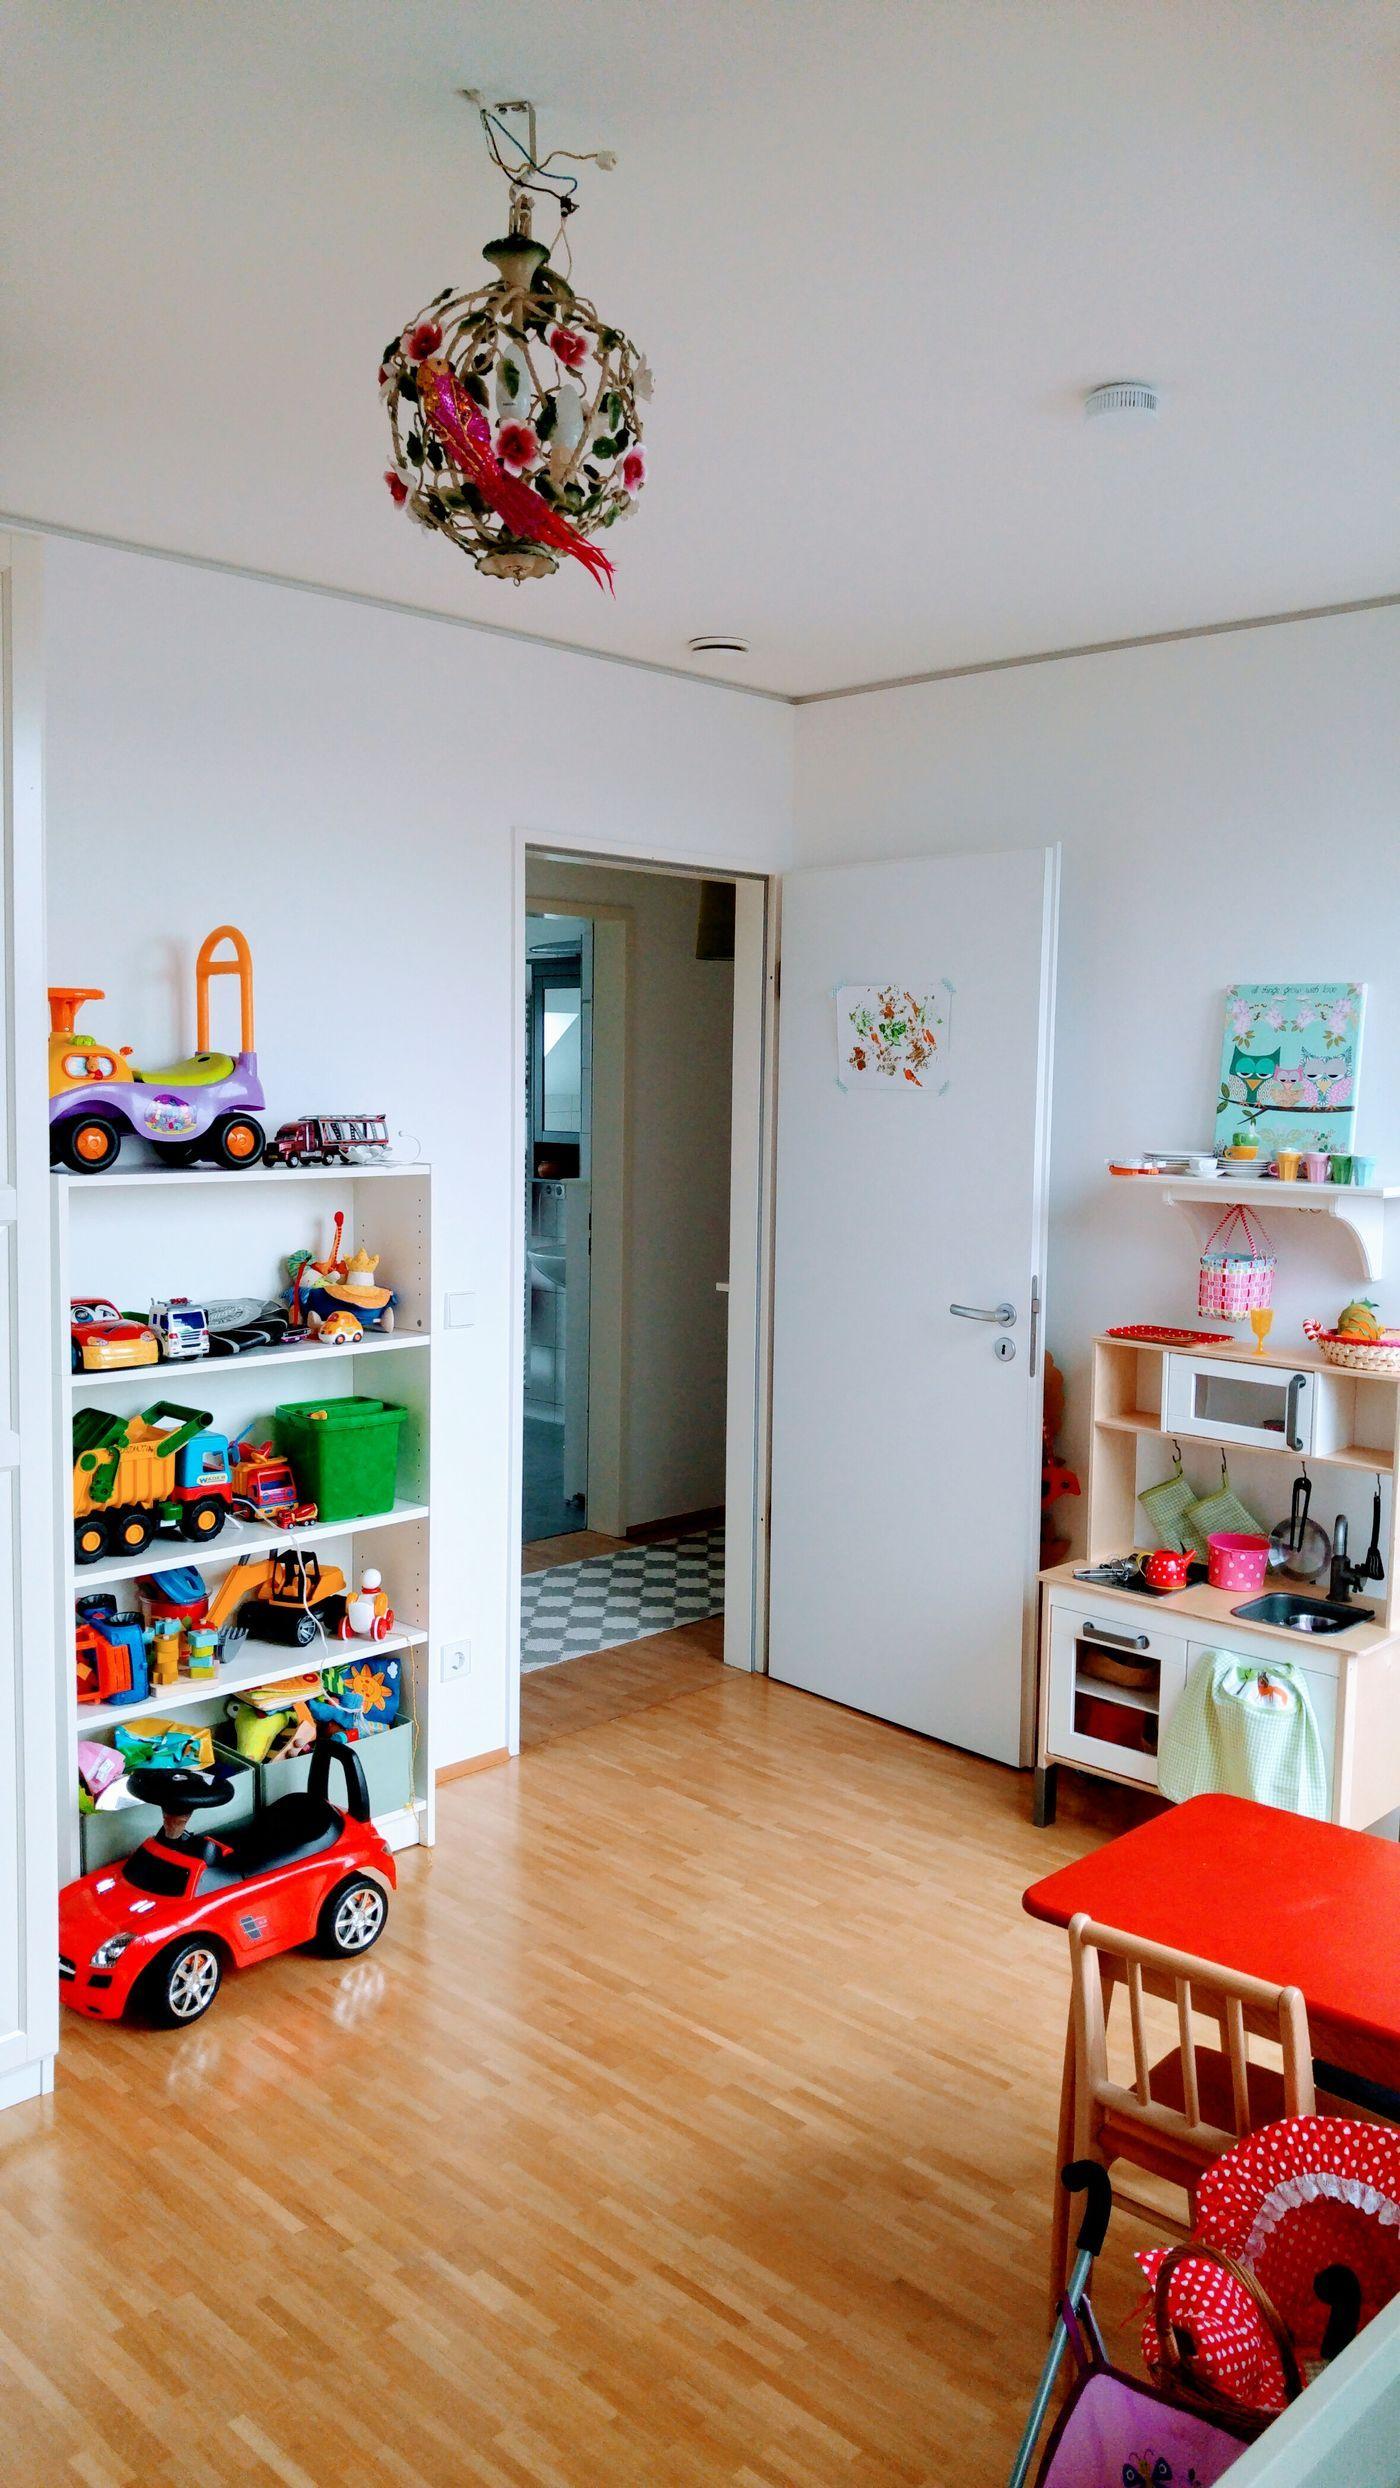 Full Size of Kinderzimmer Bücherregal Schnsten Ideen Fr Dein Seite 109 Regal Regale Weiß Sofa Kinderzimmer Kinderzimmer Bücherregal